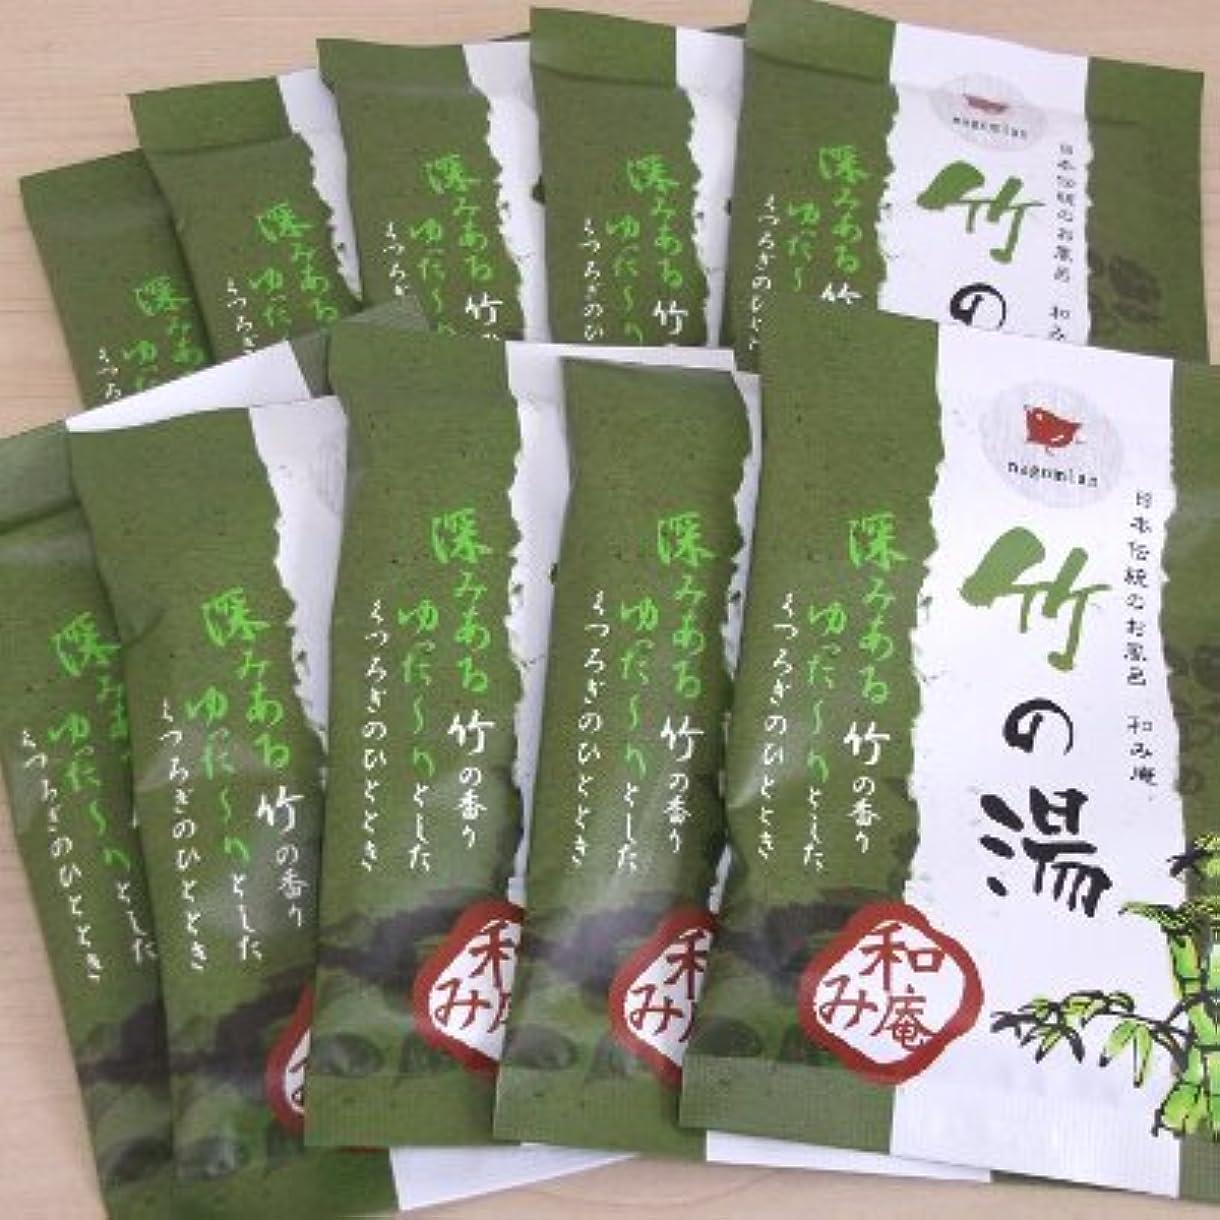 インディカ襟主要な和み庵 竹の湯 10包セット